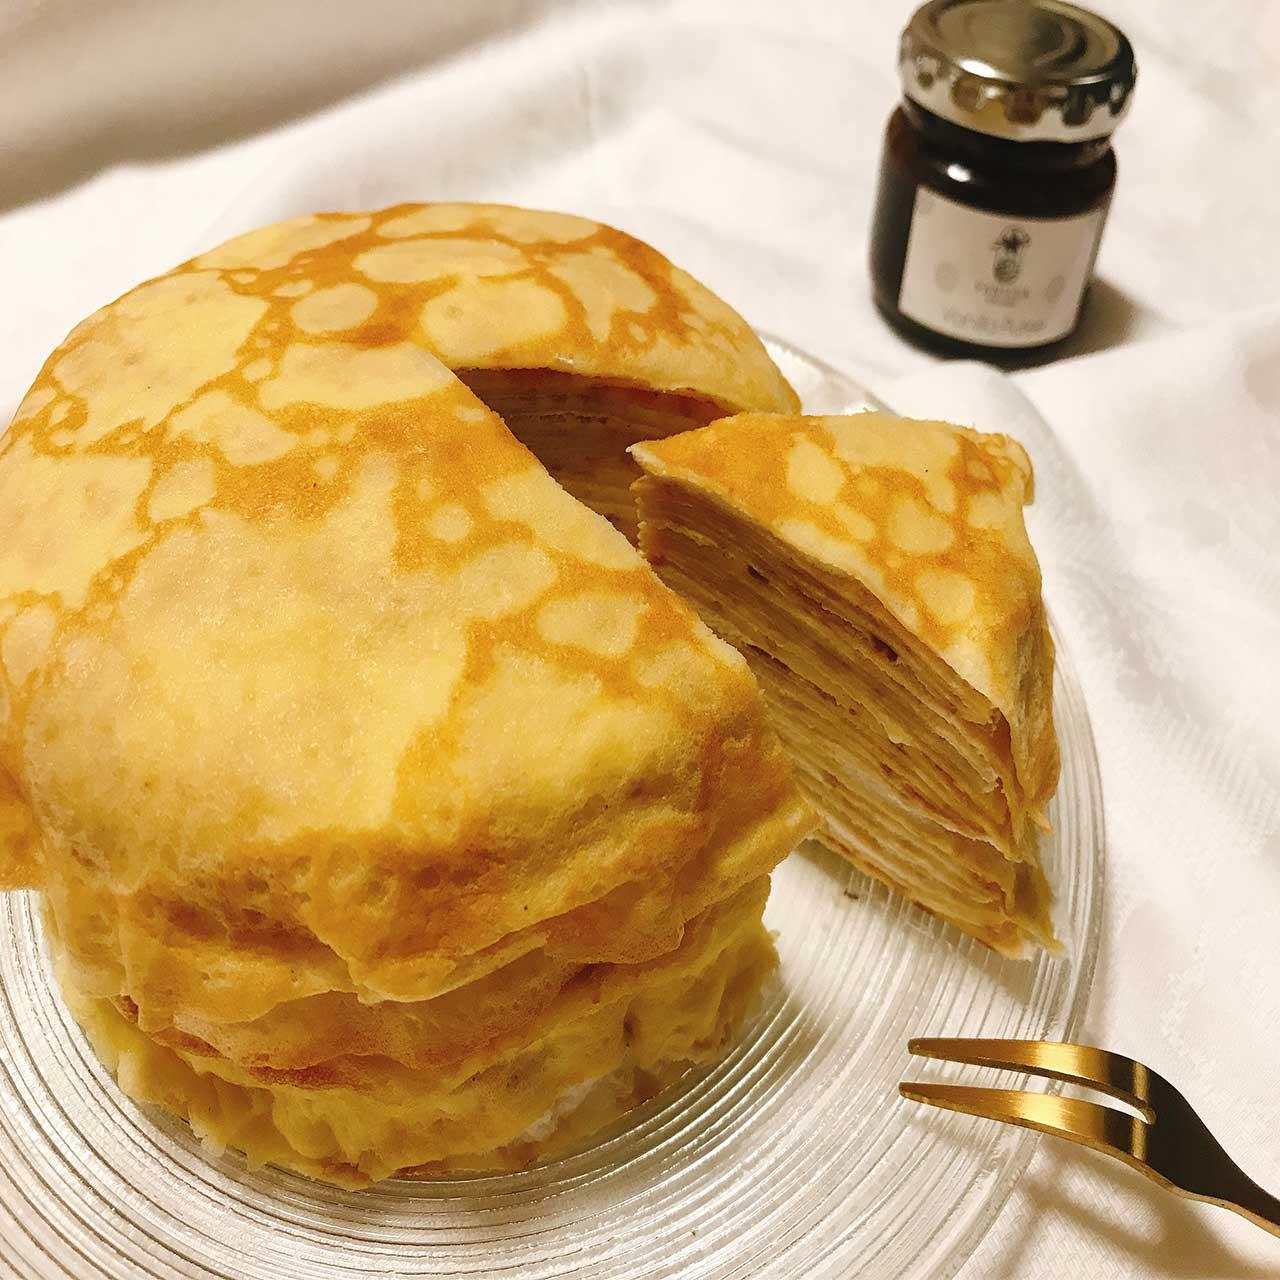 【バニラのミルクレープ✨:オーブンなくても作れちゃう👍天然バニラピューレで生地までリッチに😊】